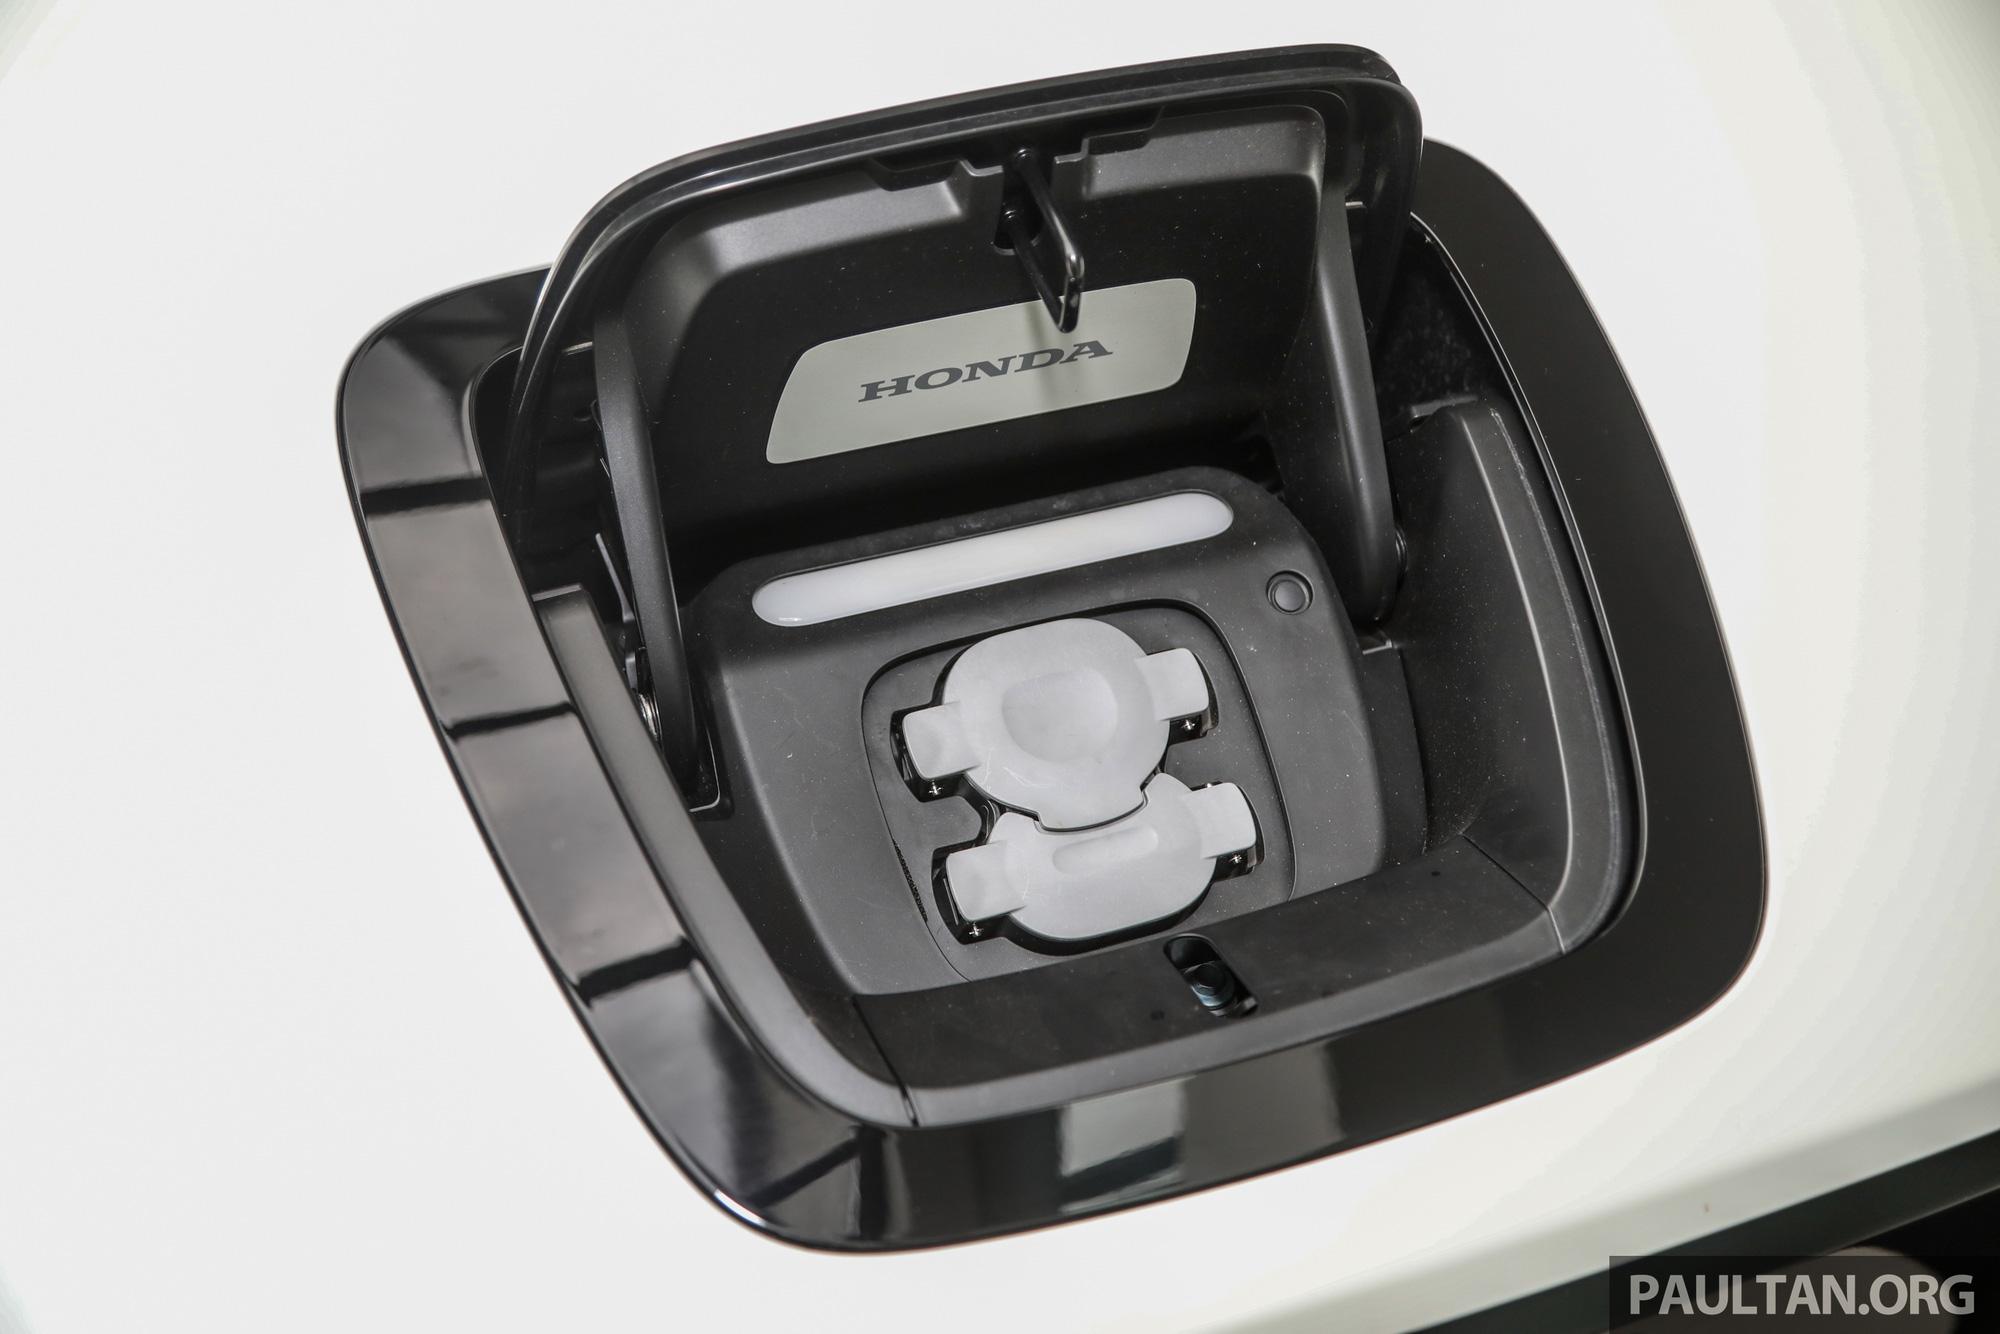 Ô tô điện Honda phủ công nghệ hiện đại, giá gây sửng sốt khi so với hàng hot VF e34 - Ảnh 4.